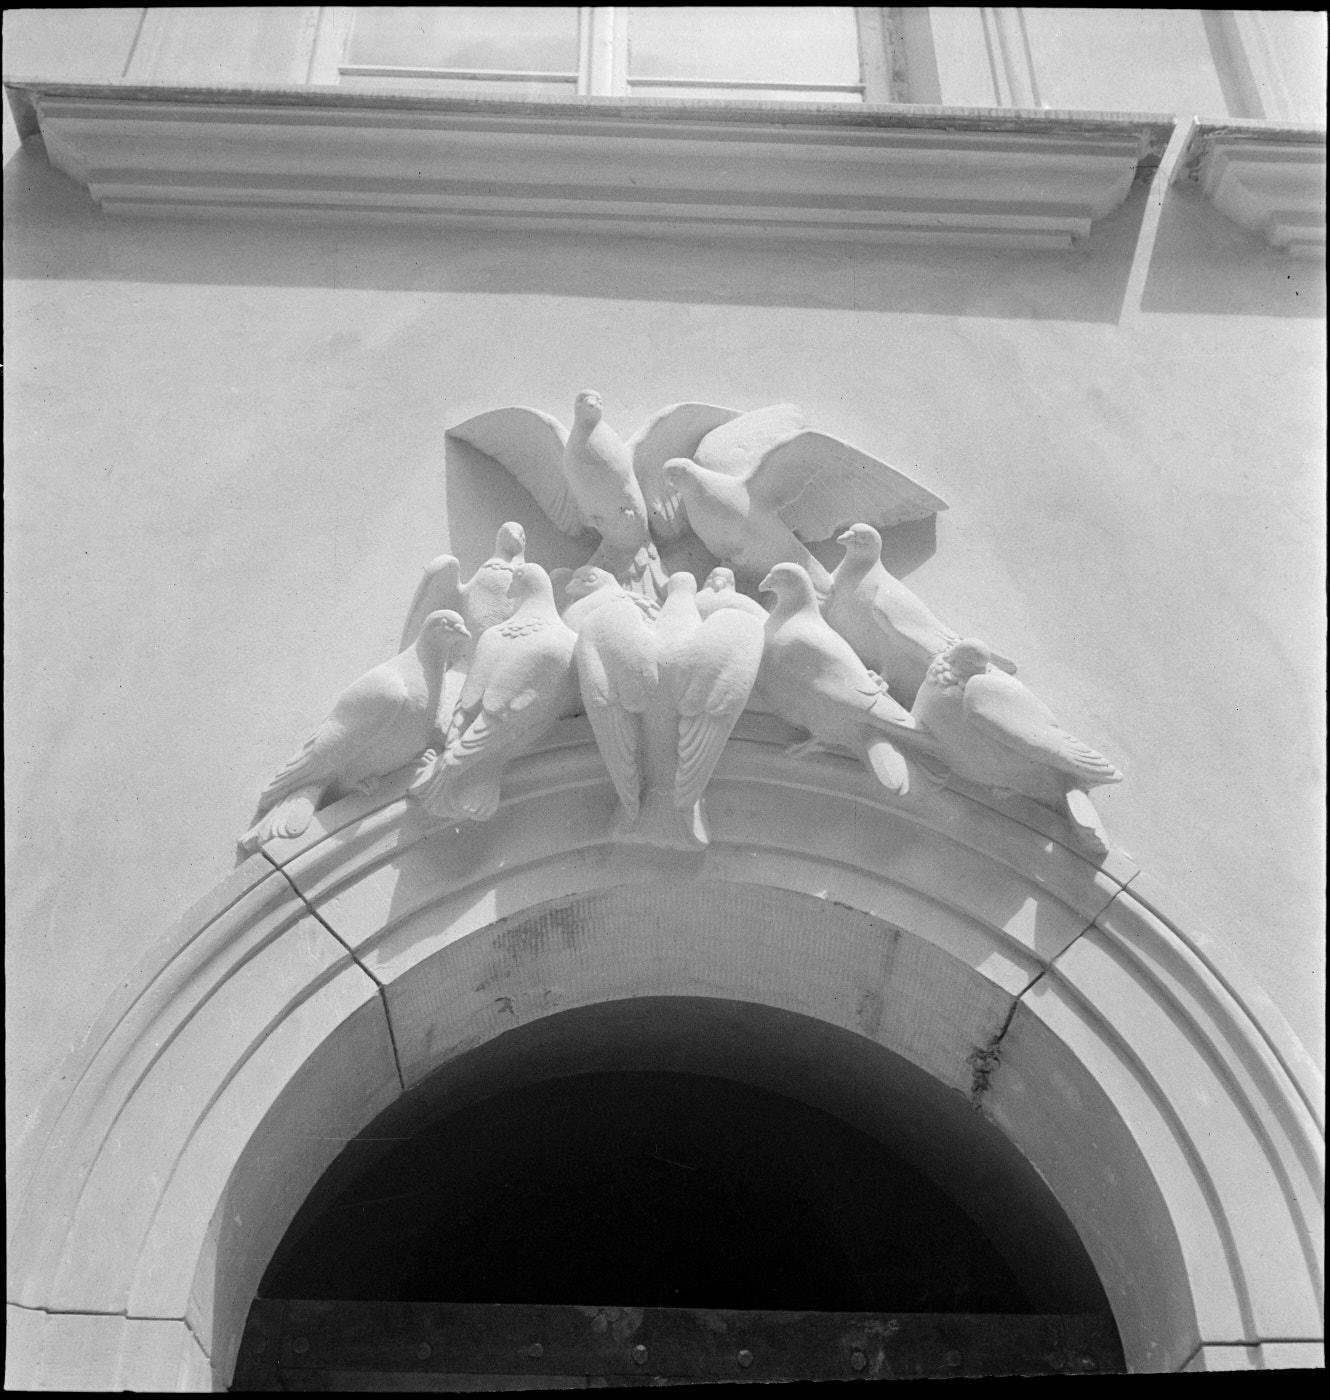 Fotografia czarno biała. Fragment zwieńczenia portalu nadwejściem dokamienicy. Ozdobiony rzeźbionymi gołębiami.